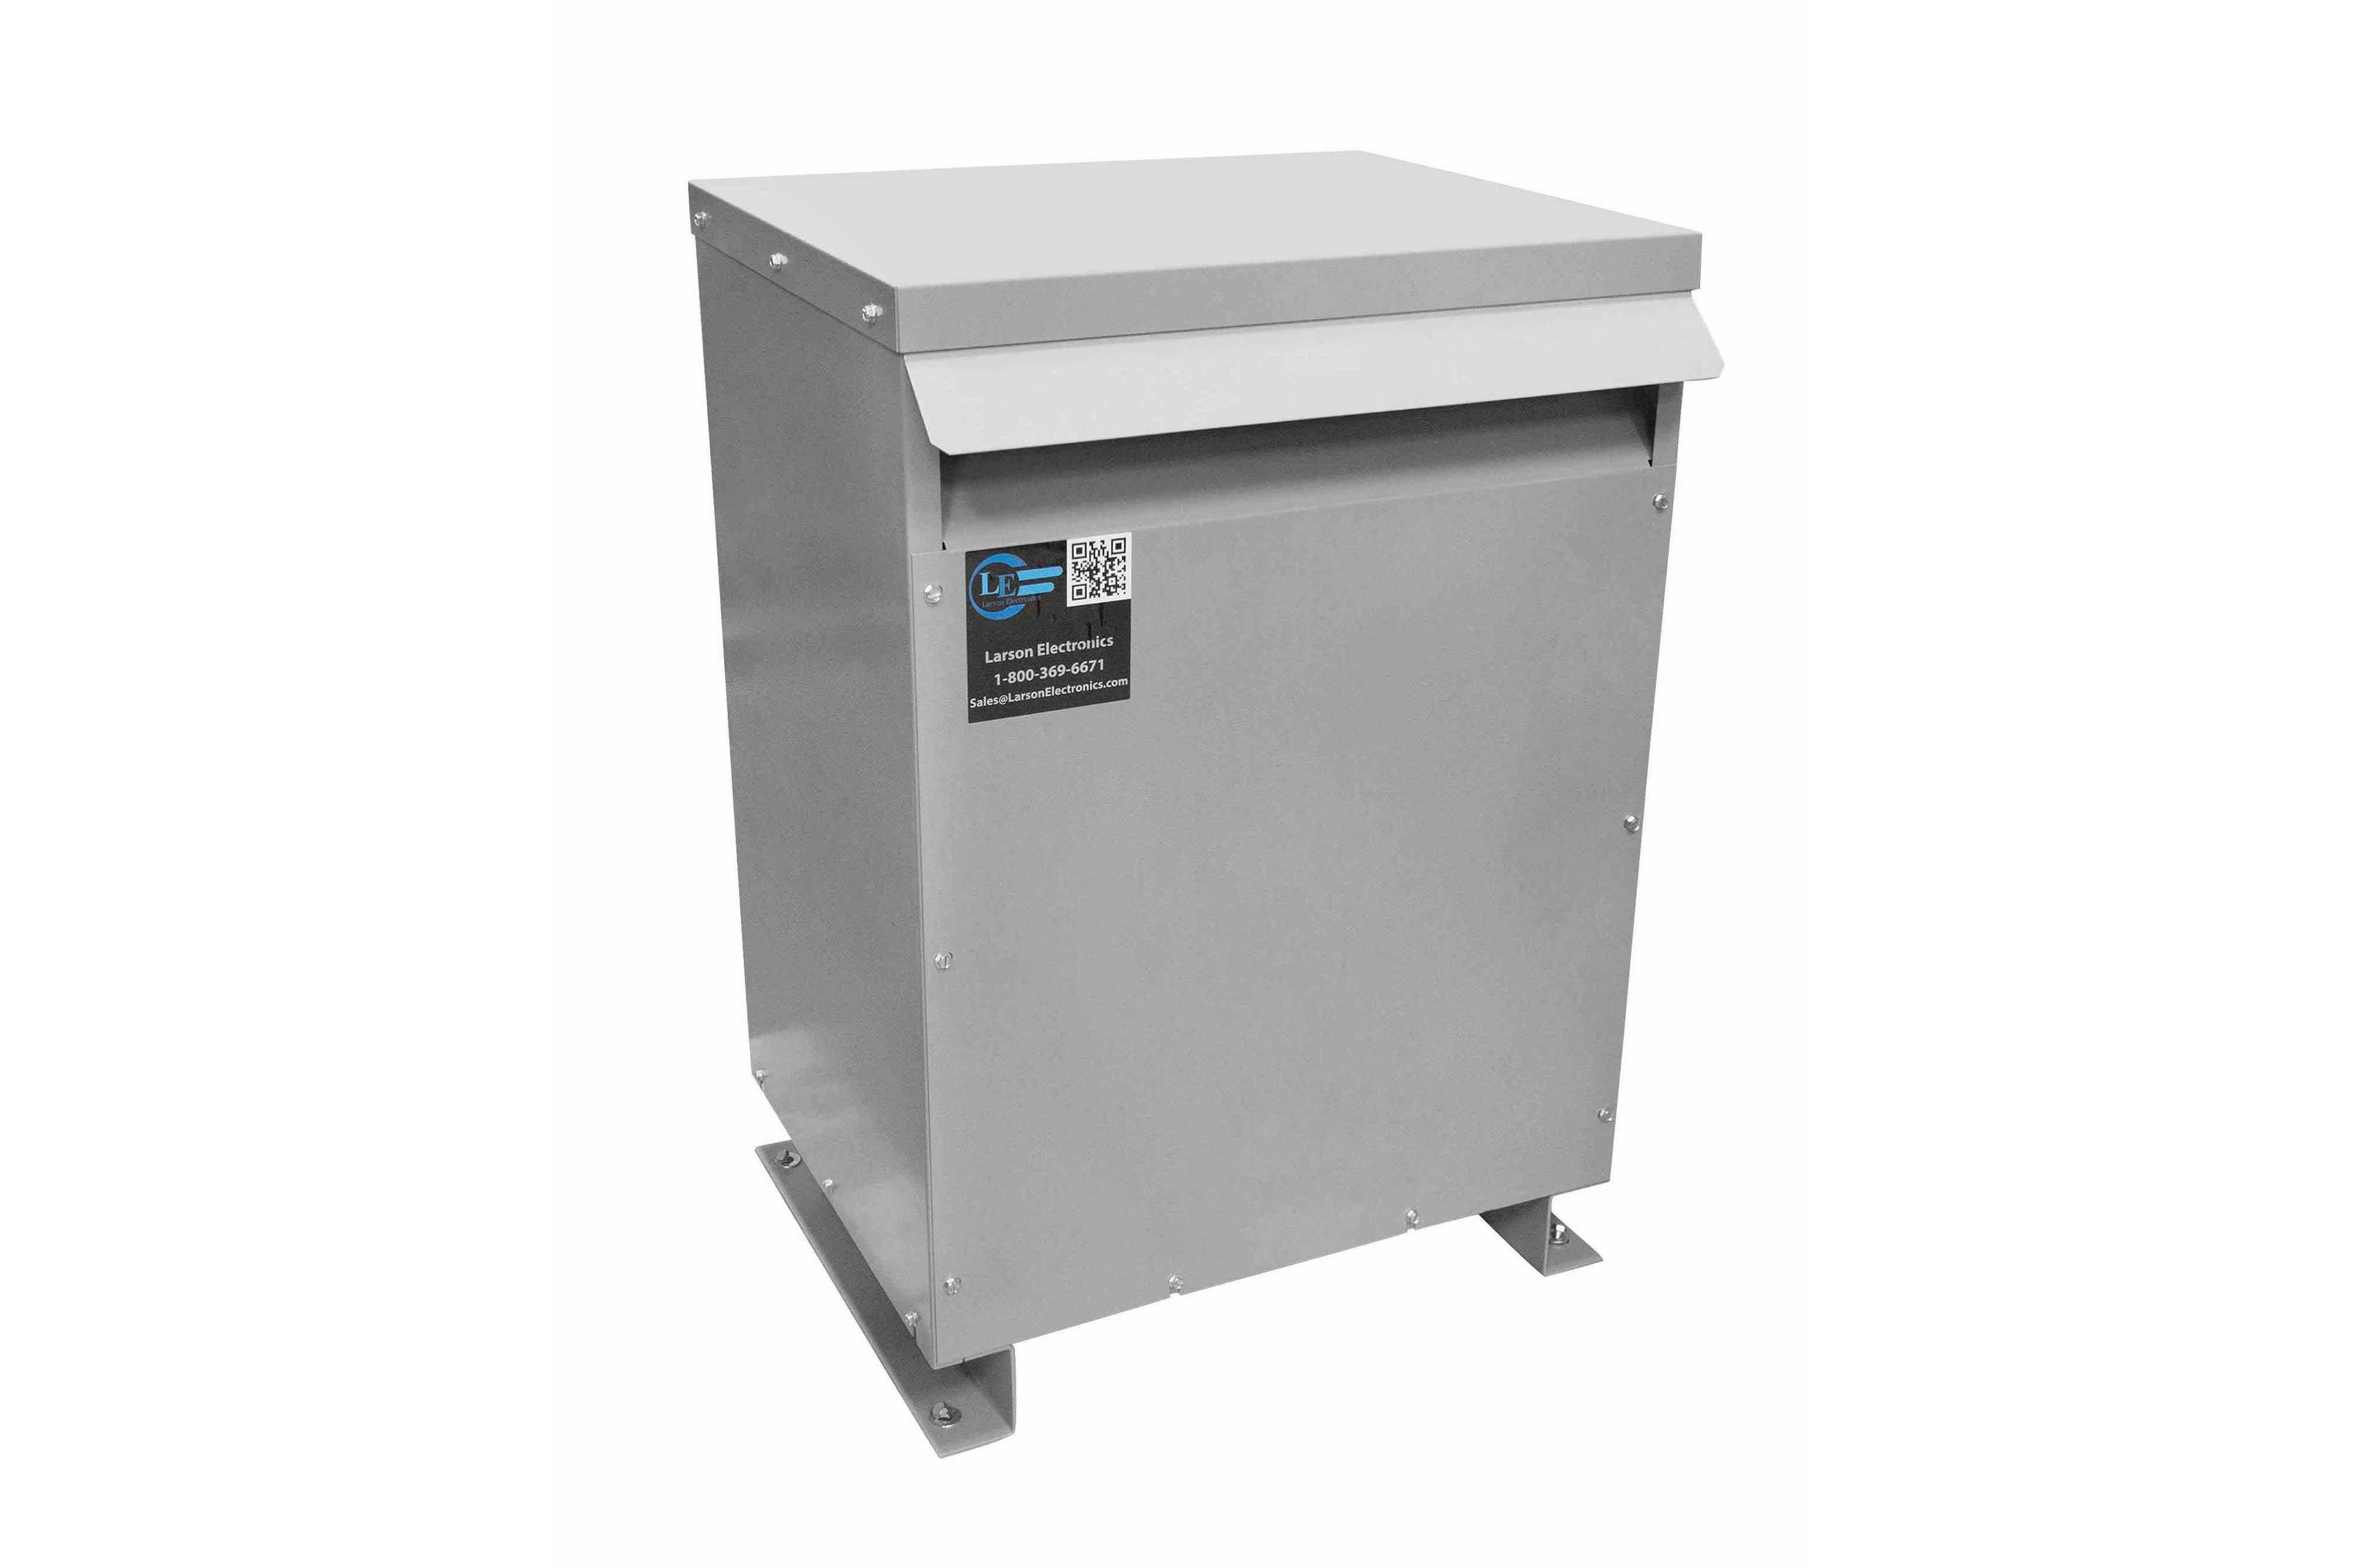 250 kVA 3PH Isolation Transformer, 208V Delta Primary, 380V Delta Secondary, N3R, Ventilated, 60 Hz